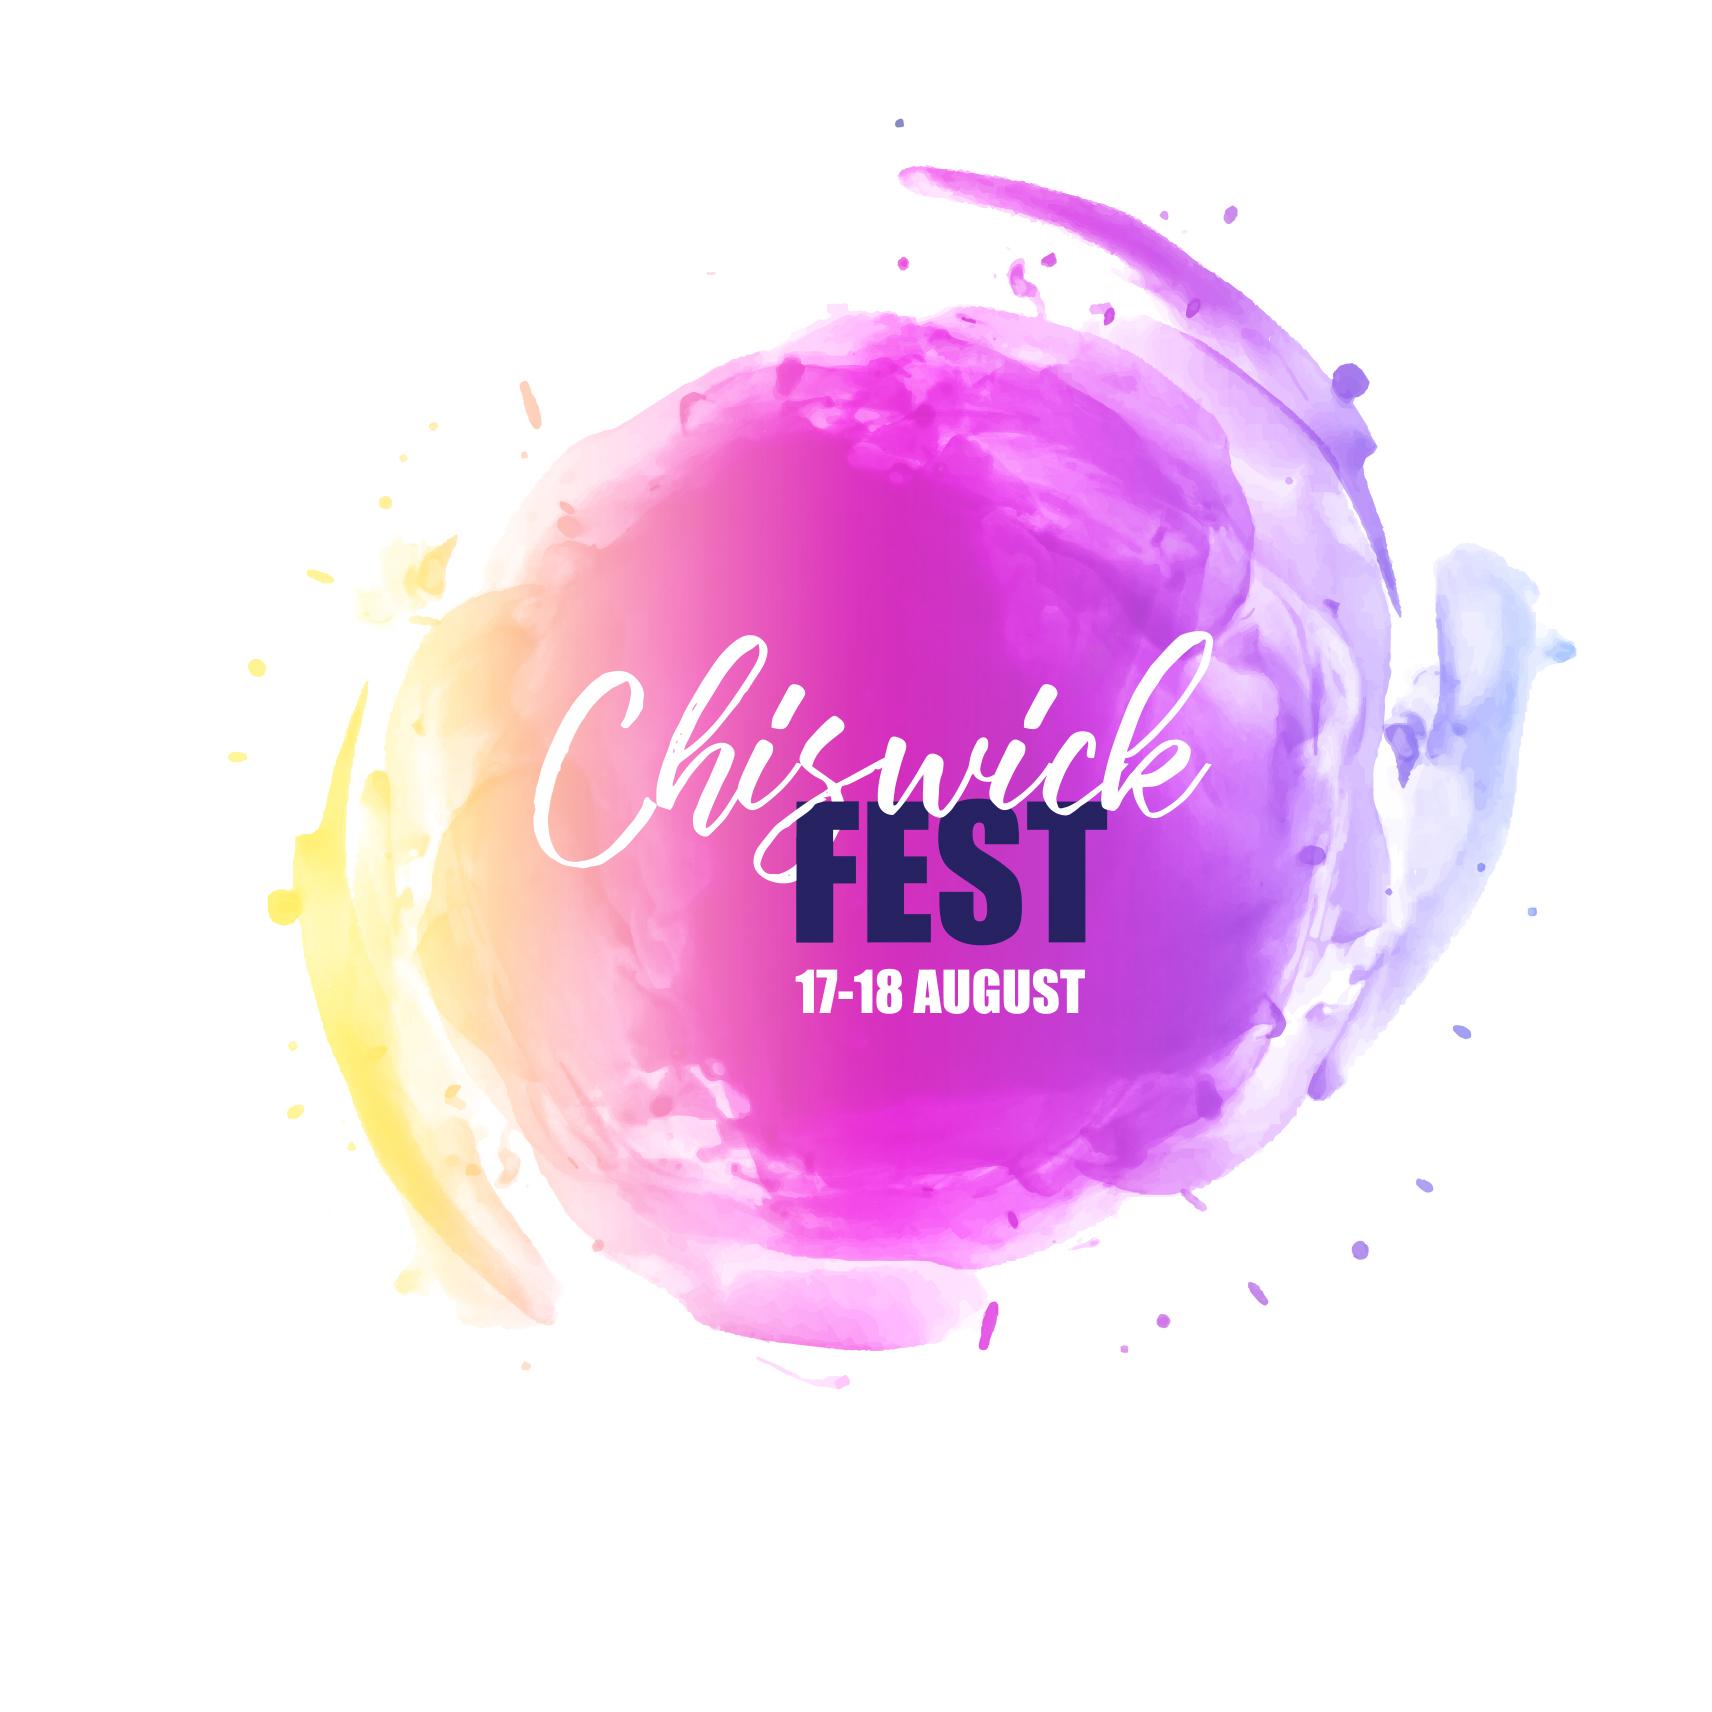 Chiswick Fest Logo Ideas V1-1.jpg